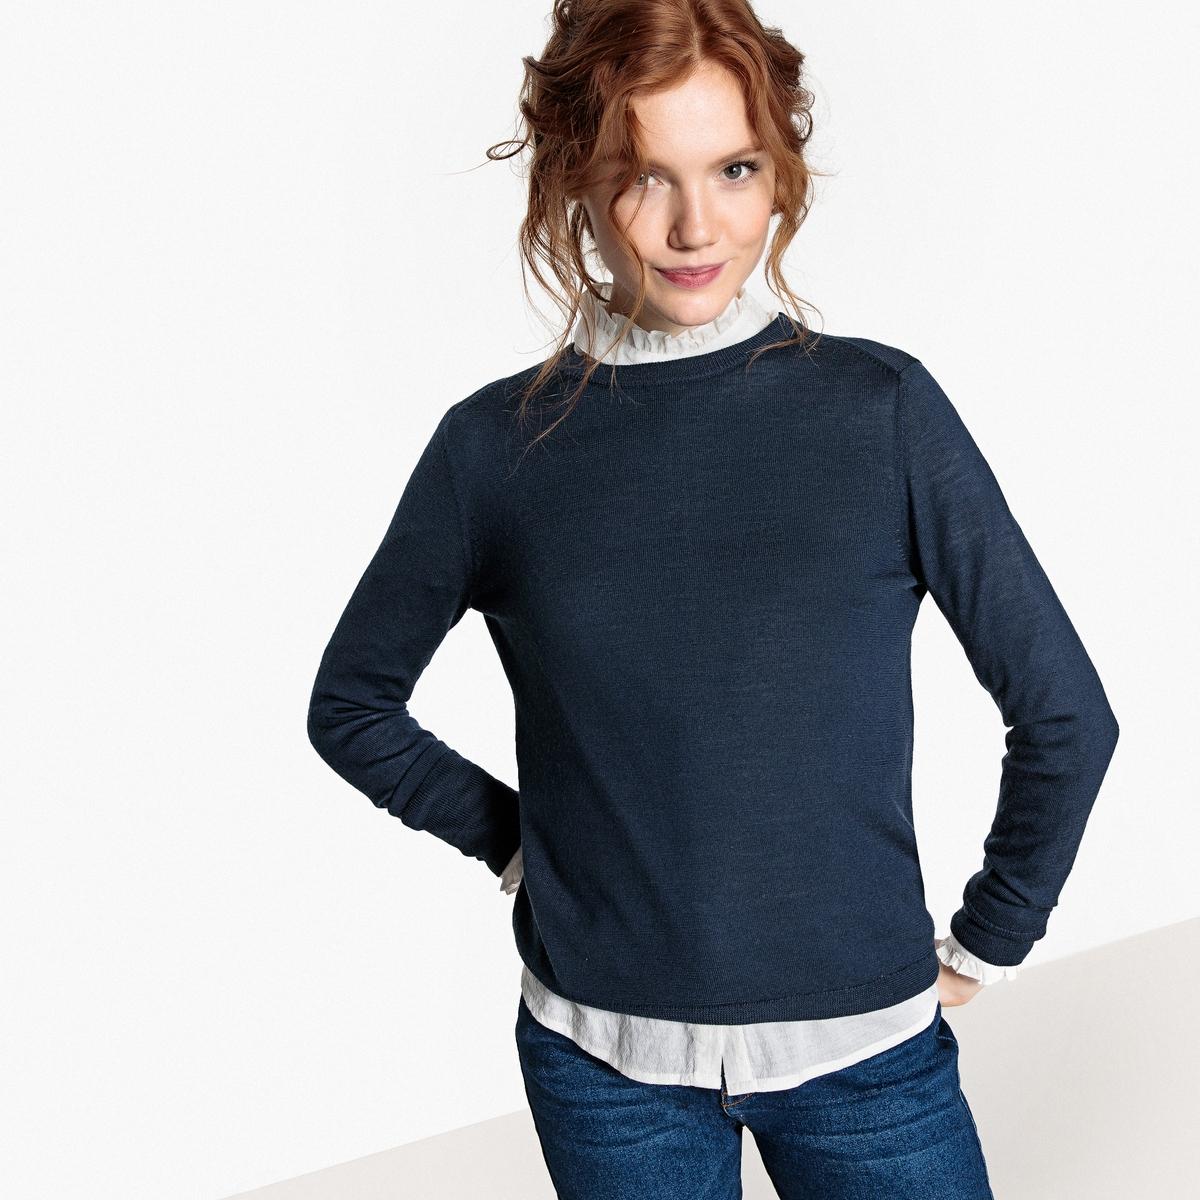 Jersey con cuello redondo de punto fino